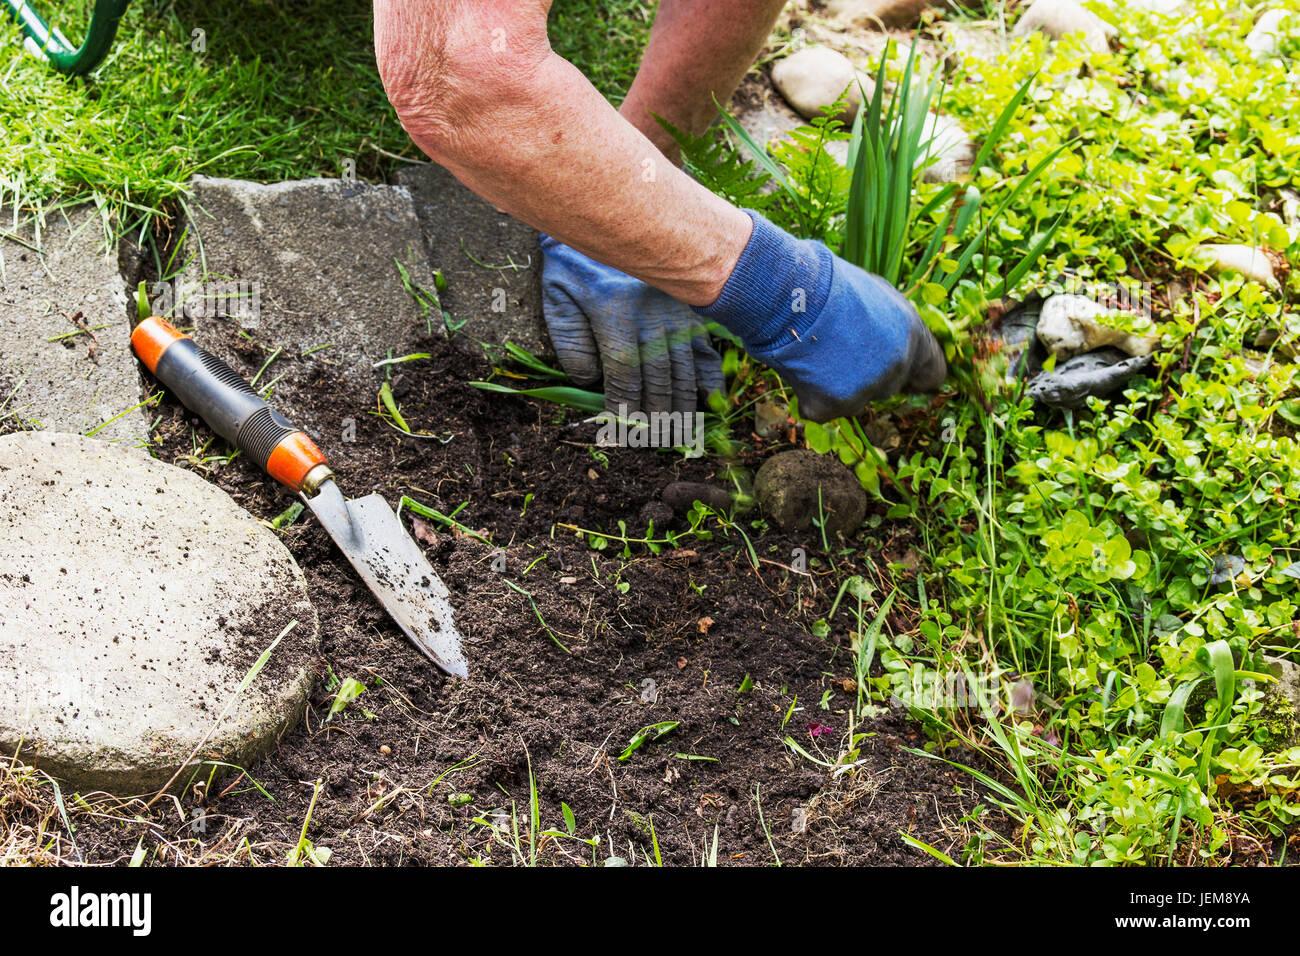 hands of female senior citizen gardening - Stock Image